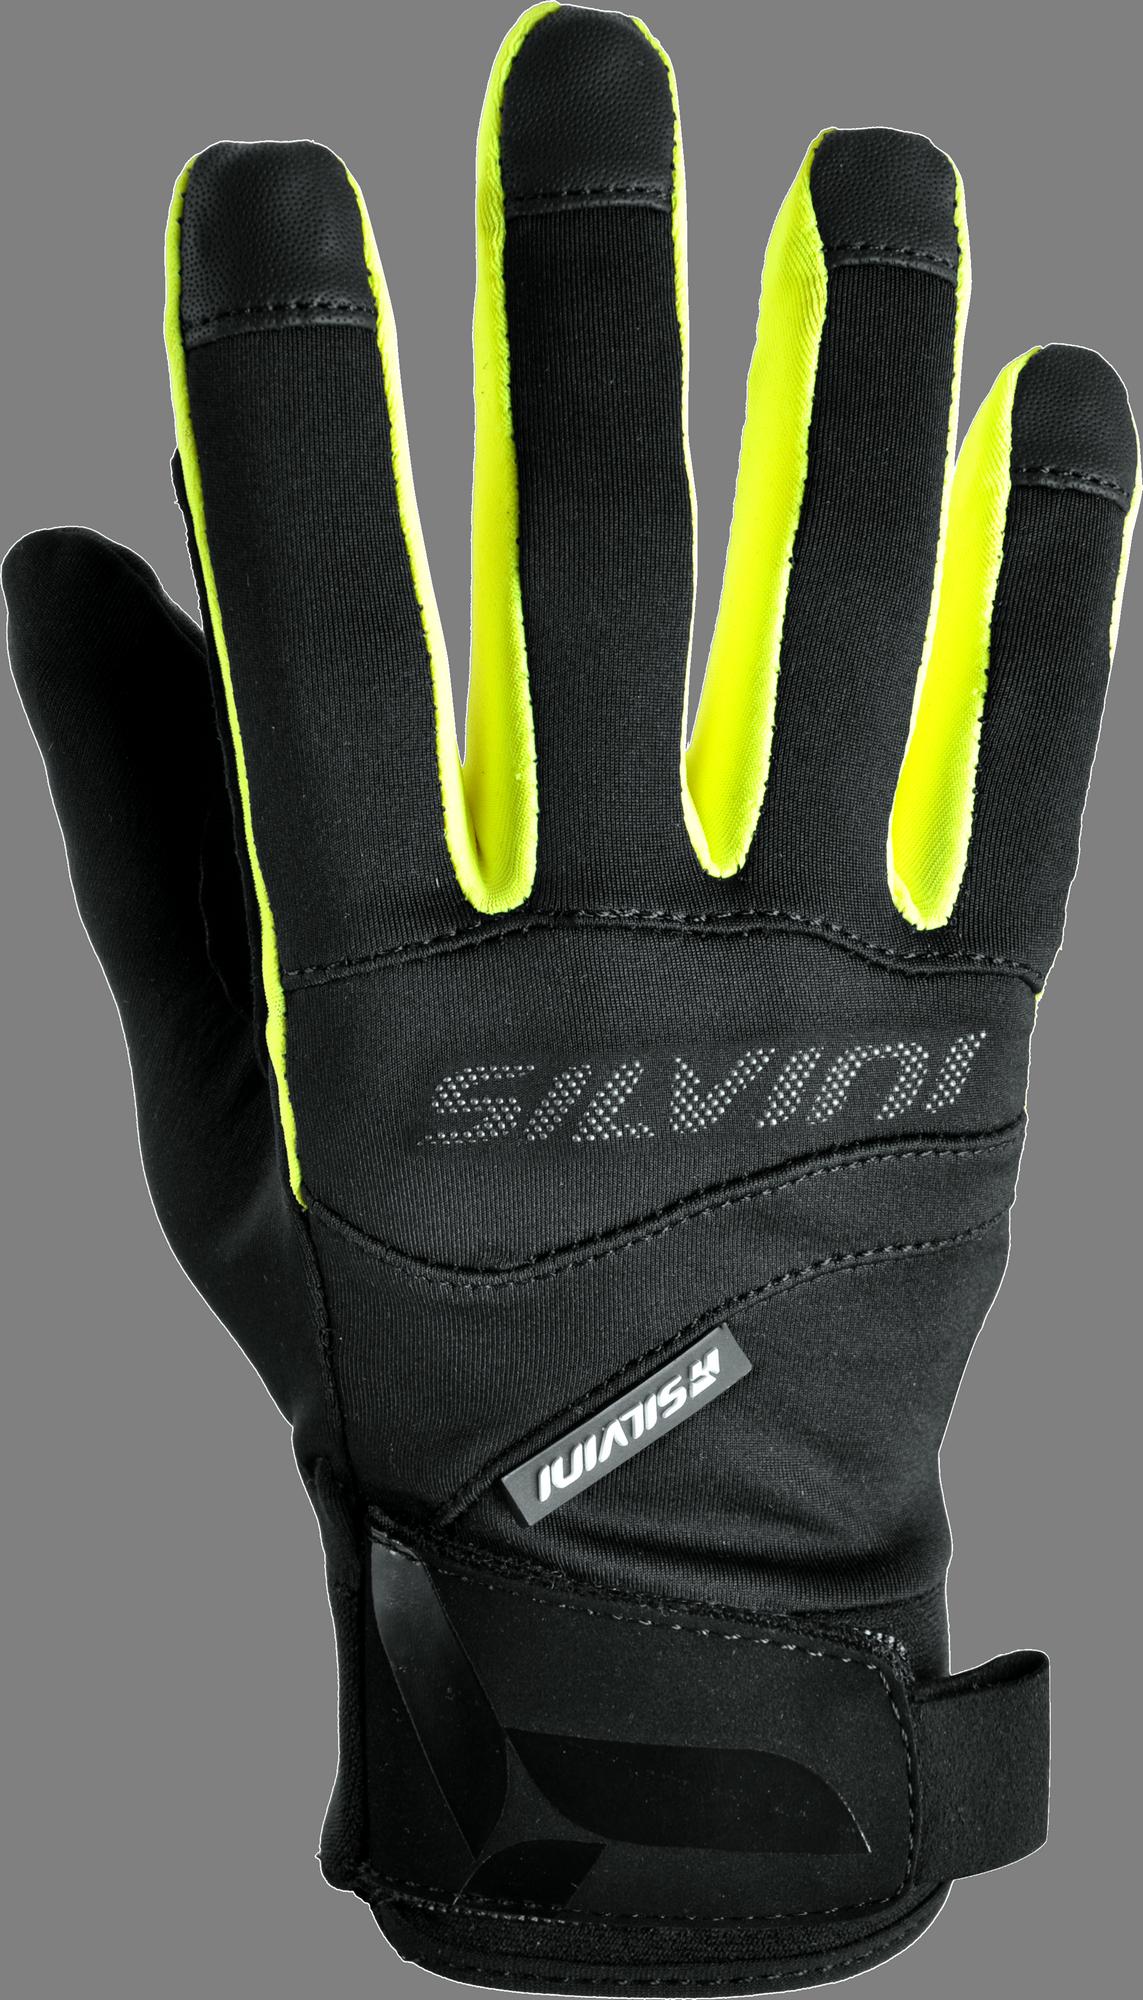 accessories gloves winter fusaro ua745 silvini